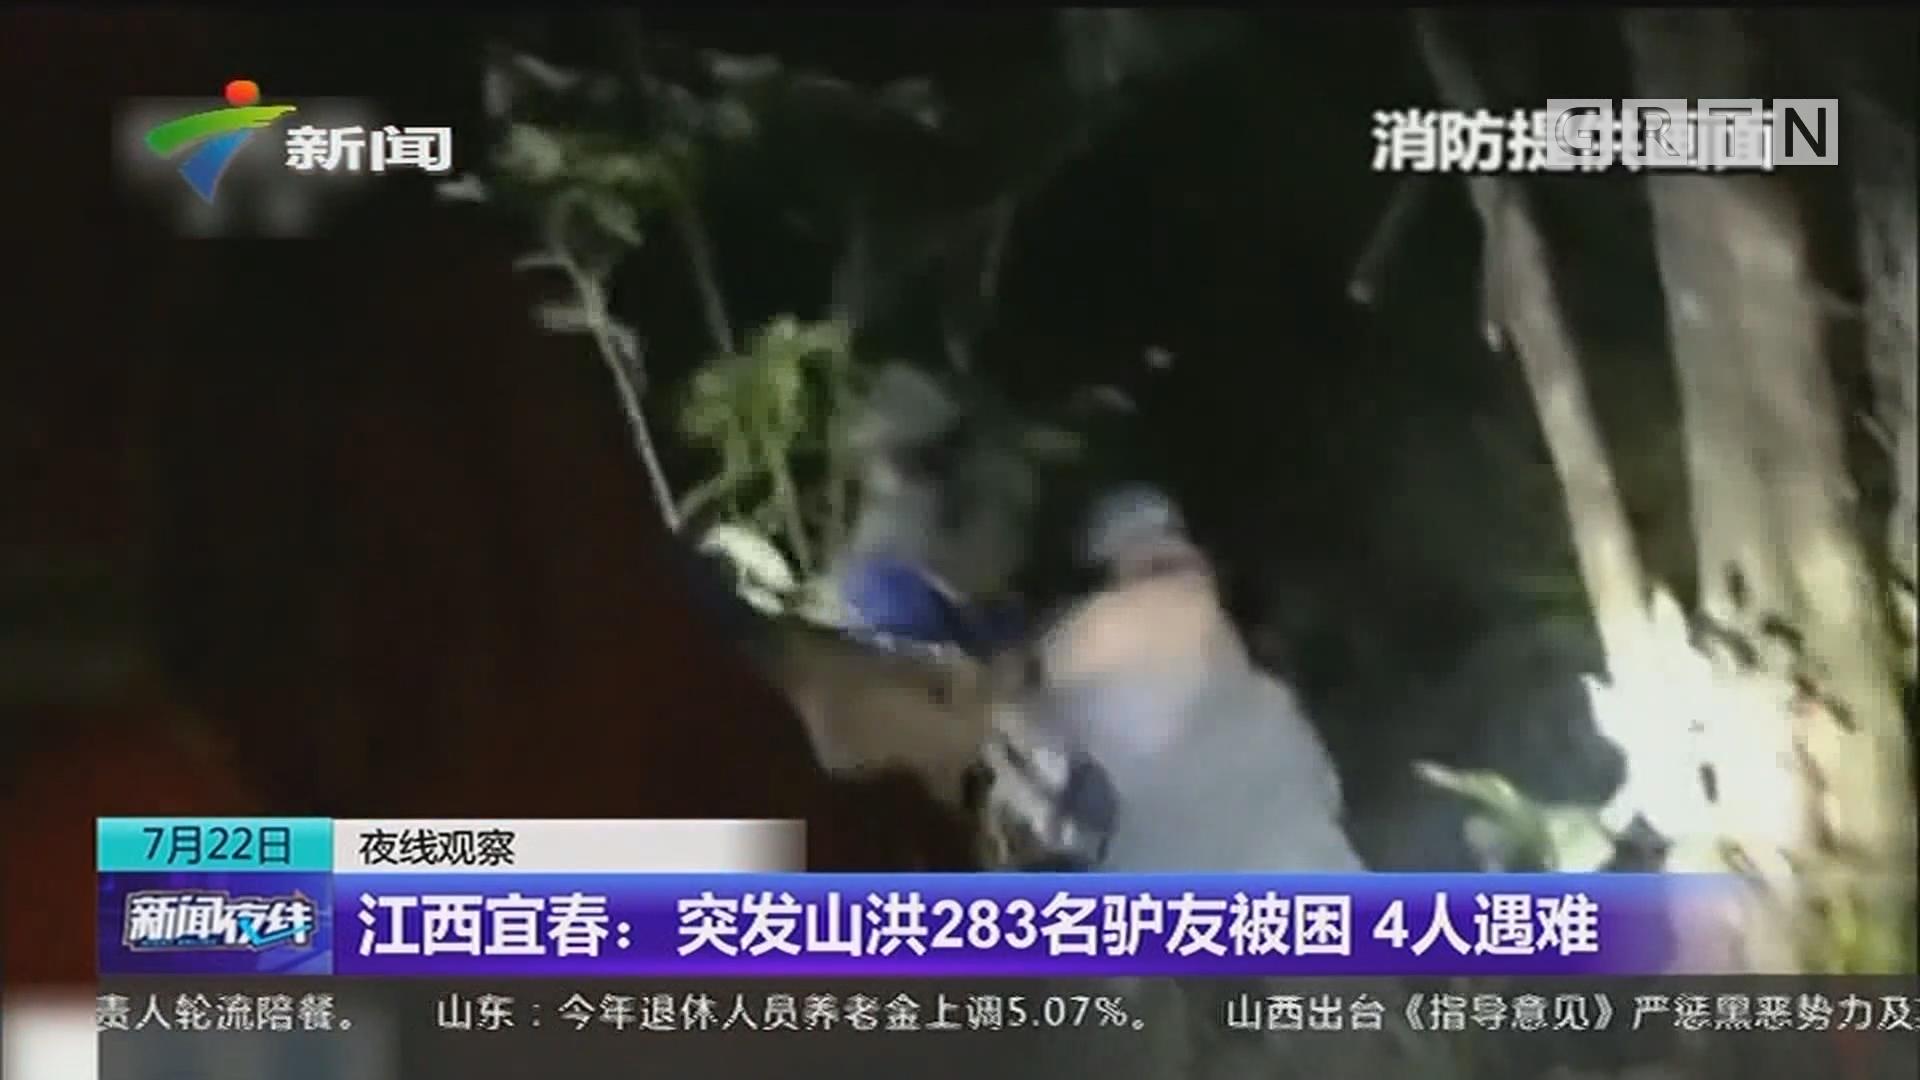 江西宜春:突发山洪283名驴友被困 4人遇难